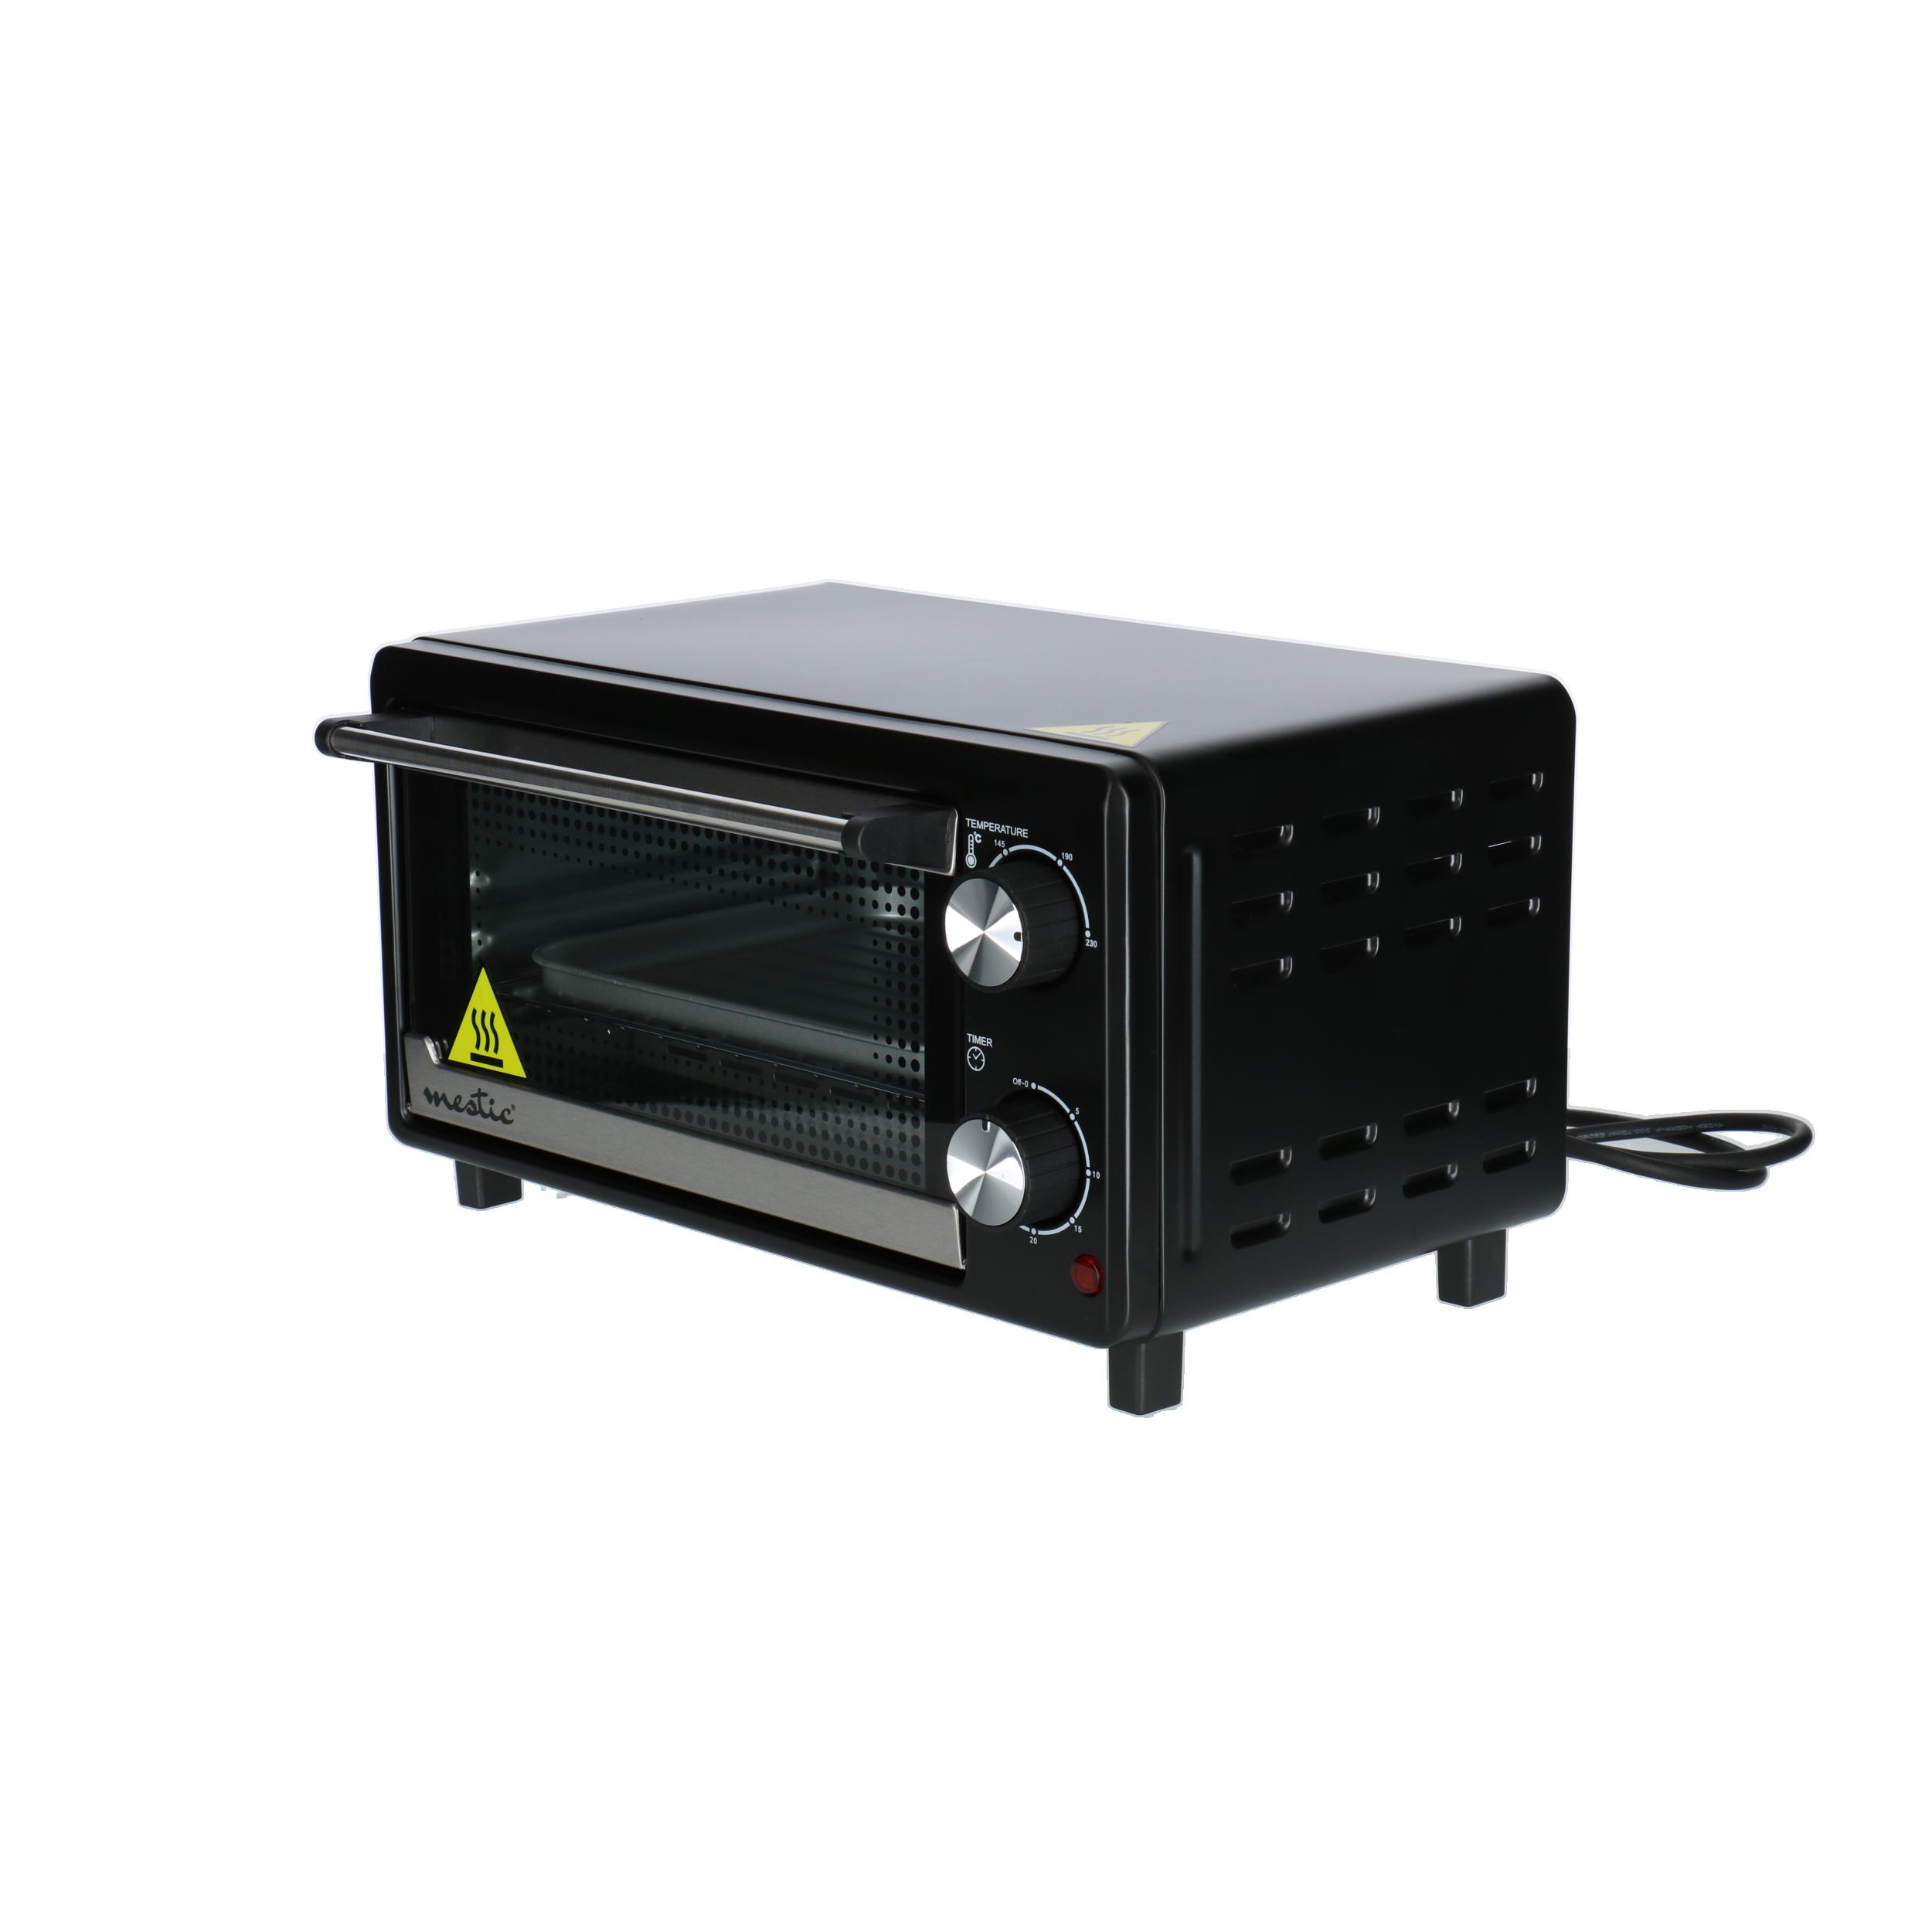 Mestic Oven 10l Mo-80